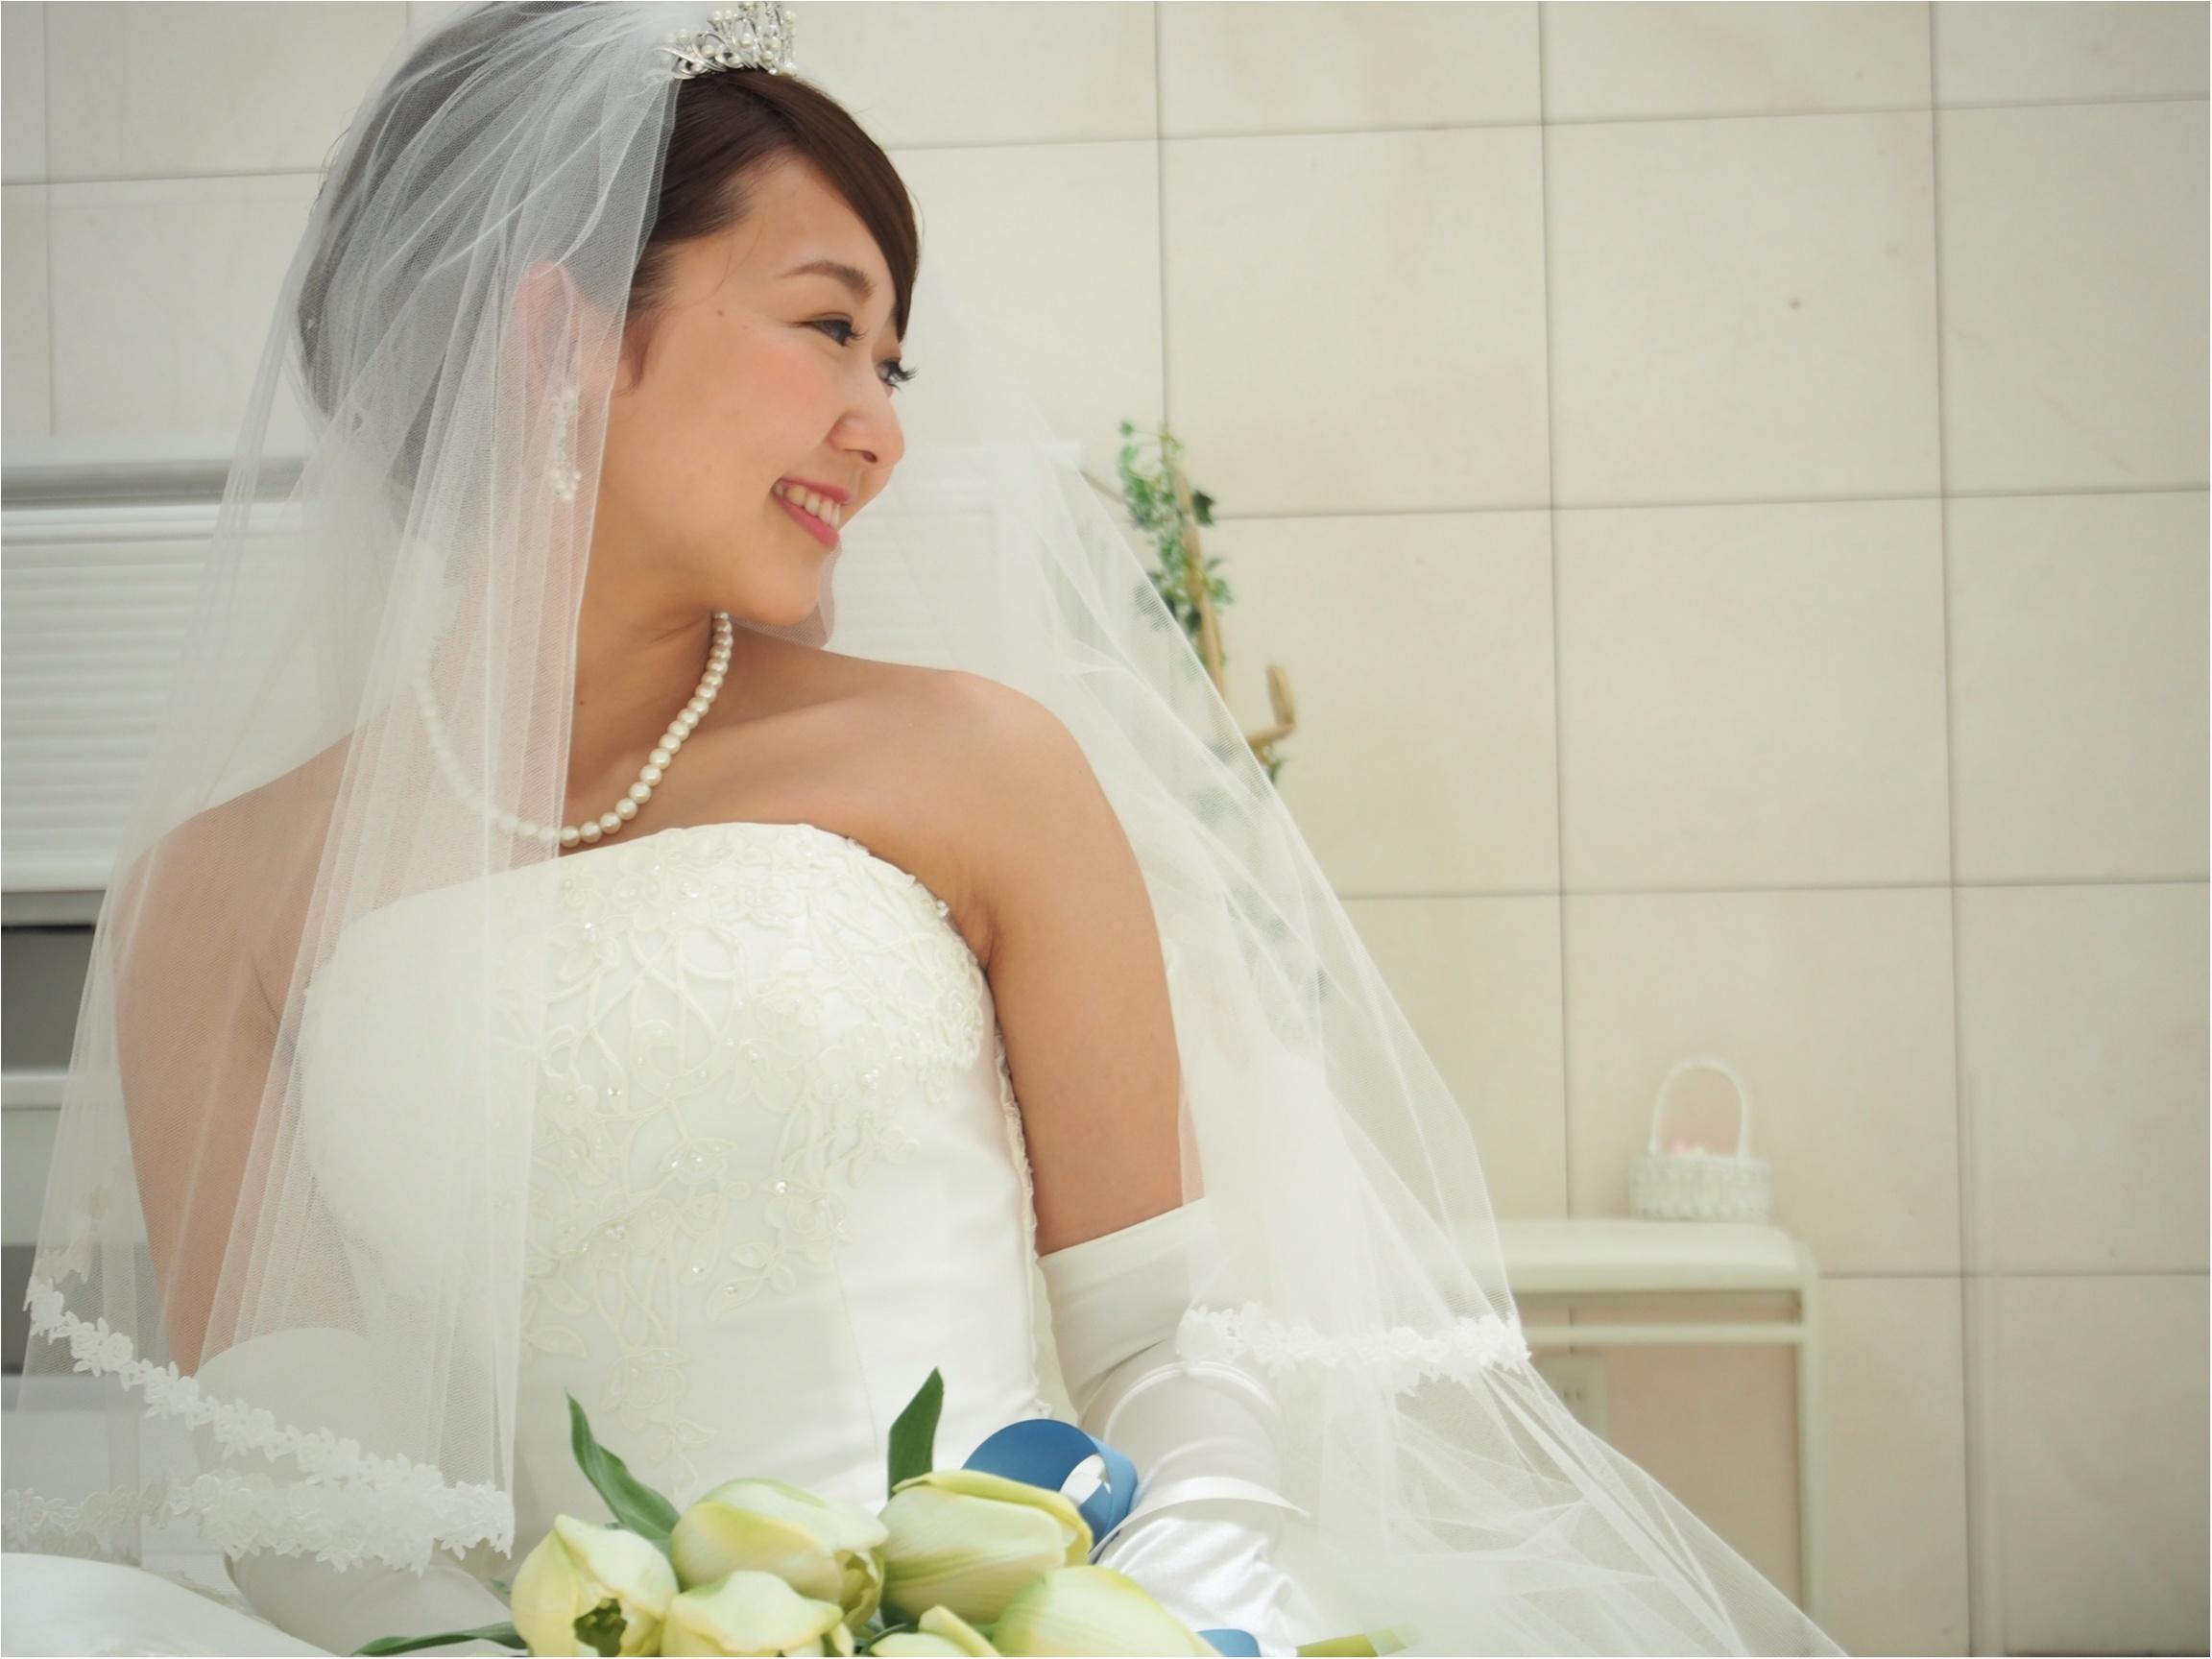 ≪さち婚≫2016.6.11 最高に幸せな花嫁は私のこと♪想いが全て叶ったパーフェクトウエディング!!!_2